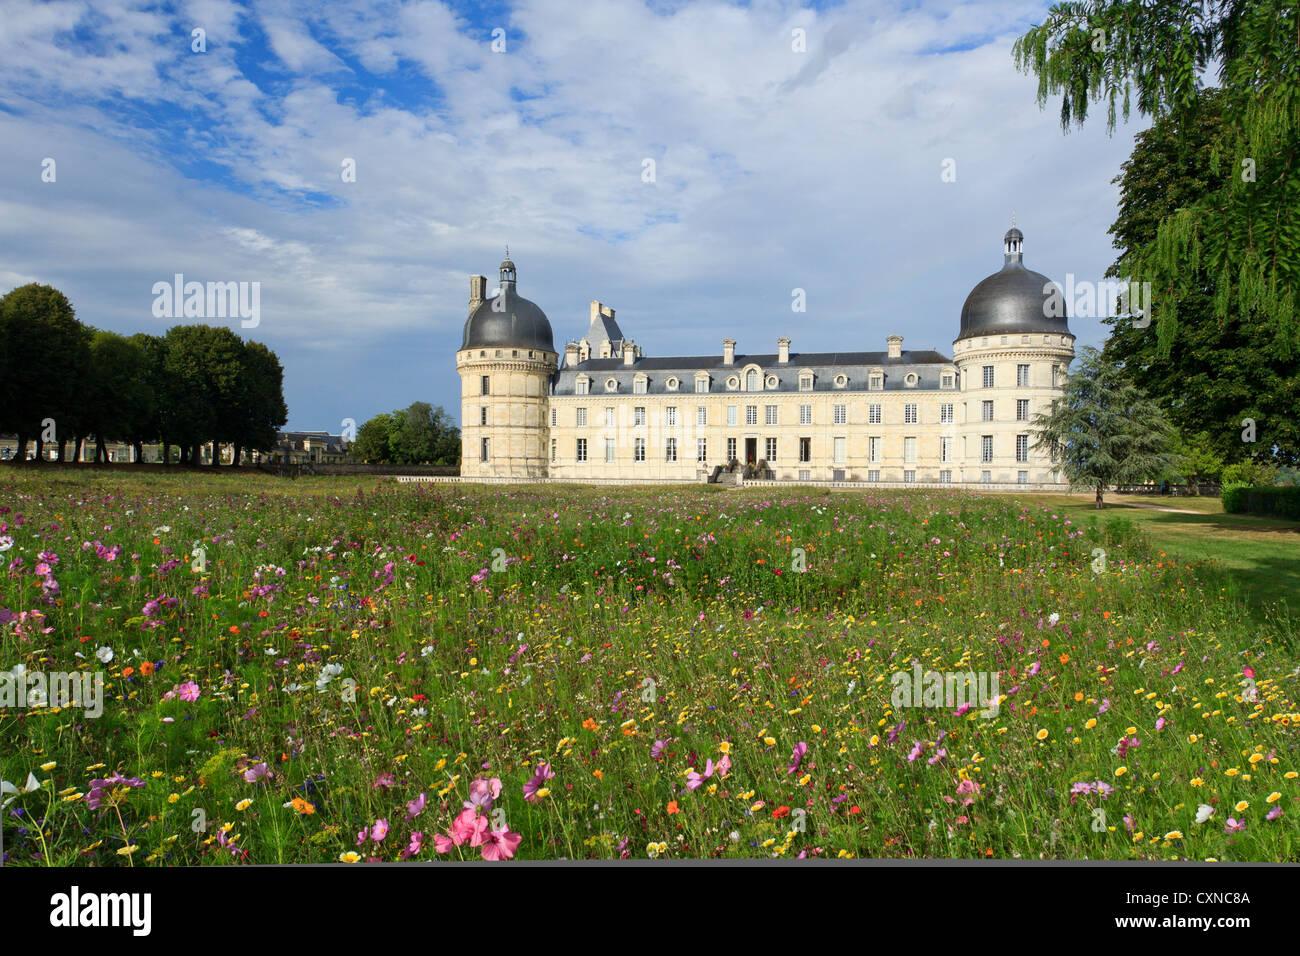 Francia, Indre, el castillo de Valençay, y el prado florido Imagen De Stock